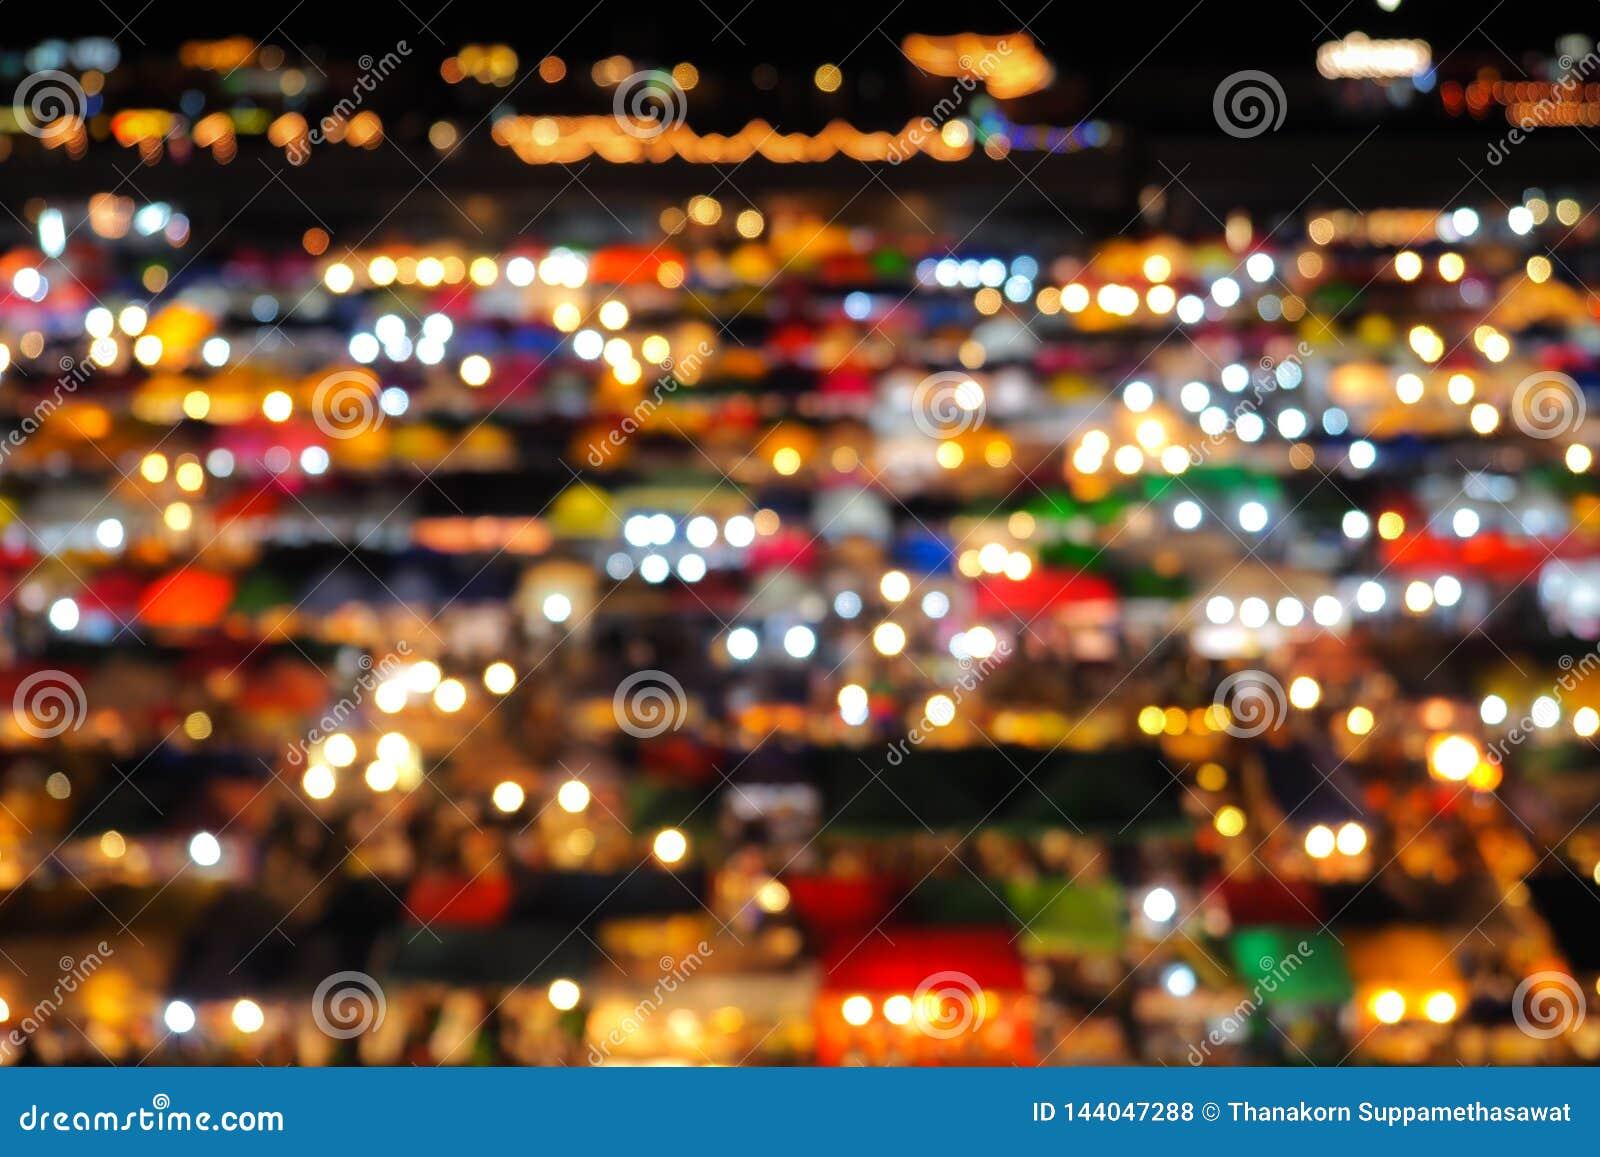 Fundo abstrato do bokeh do borrão da opinião alta do mercado da noite de construir a loja varejo e a iluminação da barraca colori